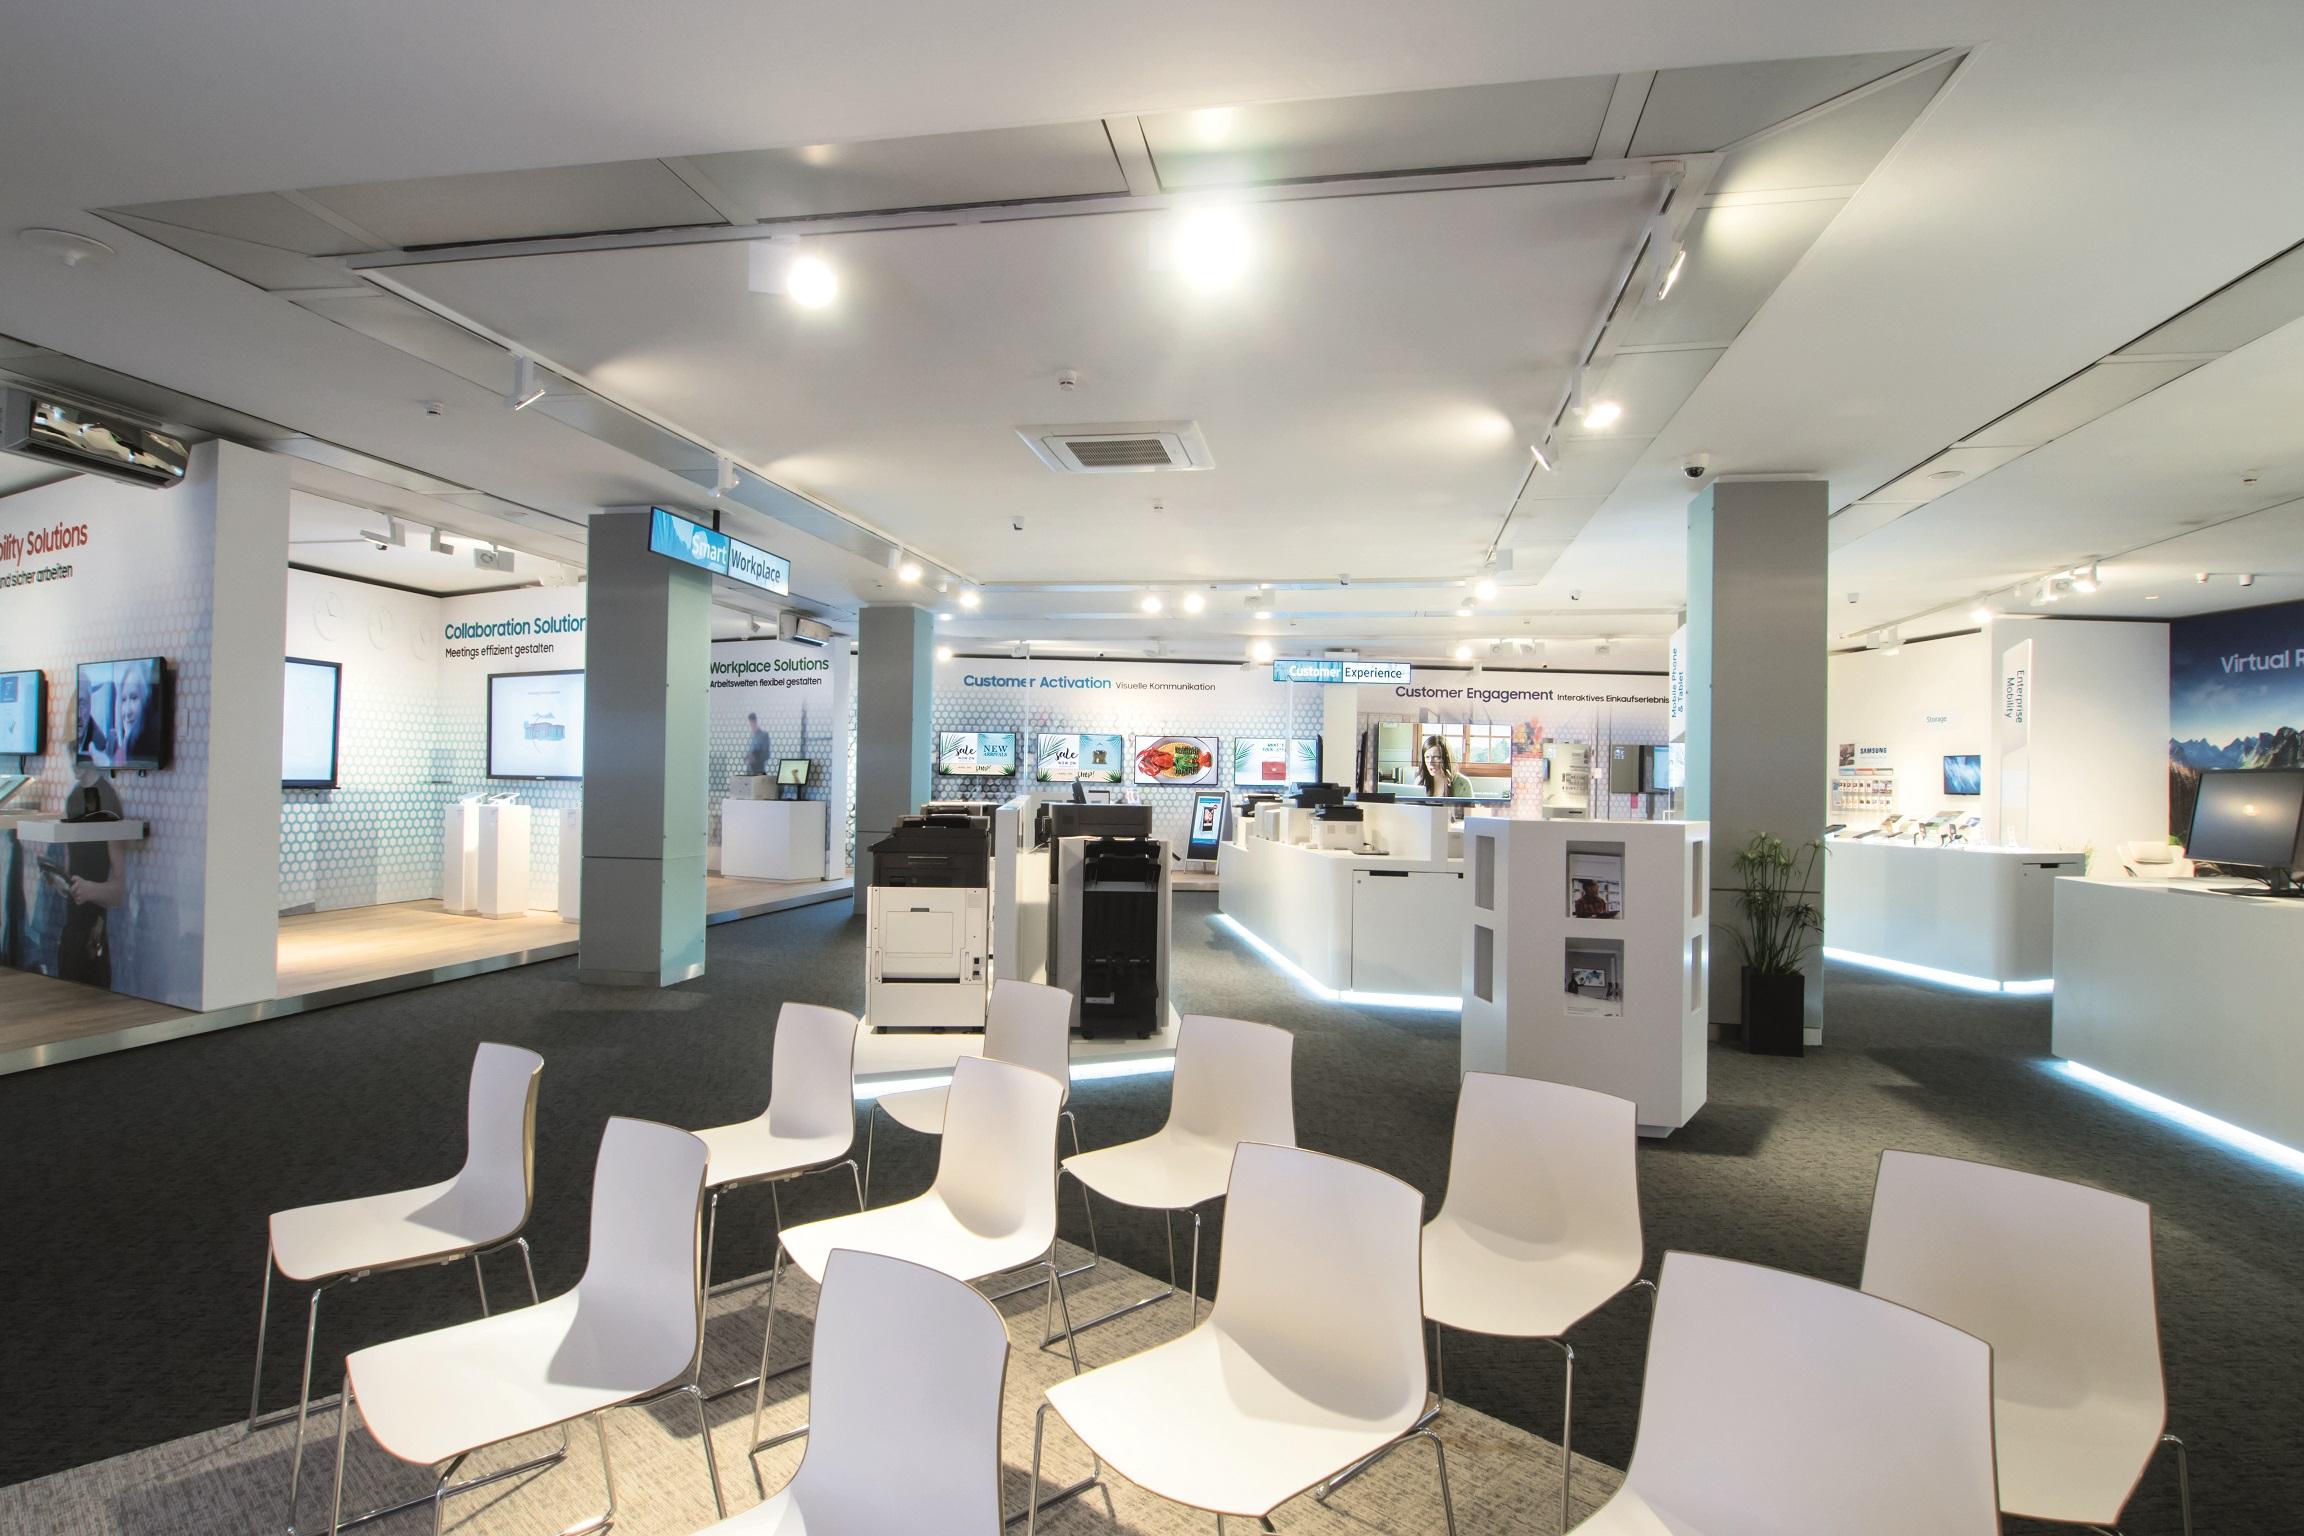 Executive Briefing Center Digitalisierung Zum Anfassen Samsung